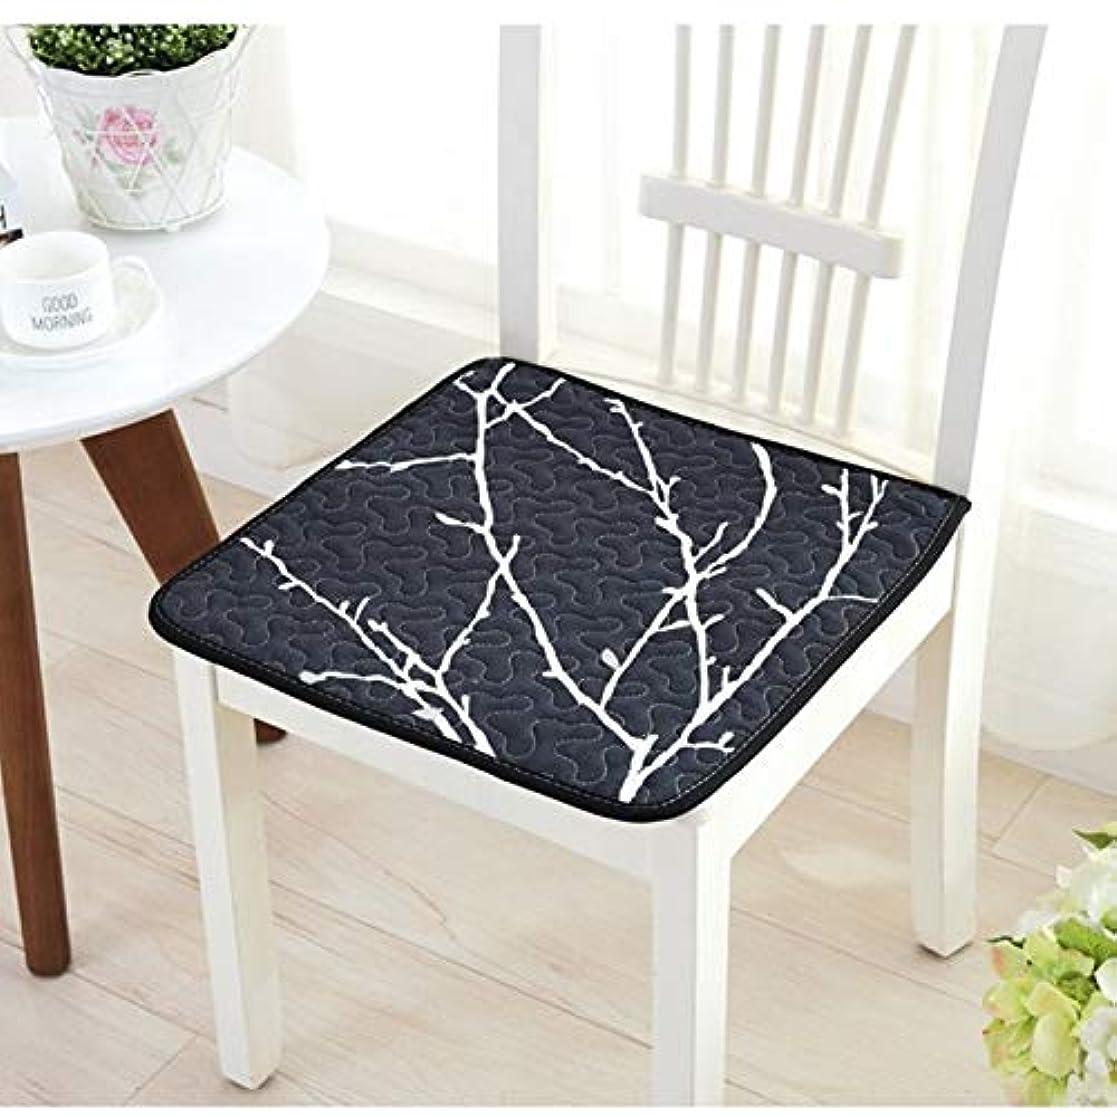 モールス信号仕出しますすべきLIFE 現代スーパーソフト椅子クッション非スリップシートクッションマットソファホームデコレーションバッククッションチェアパッド 40*40/45*45/50*50 センチメートル クッション 椅子